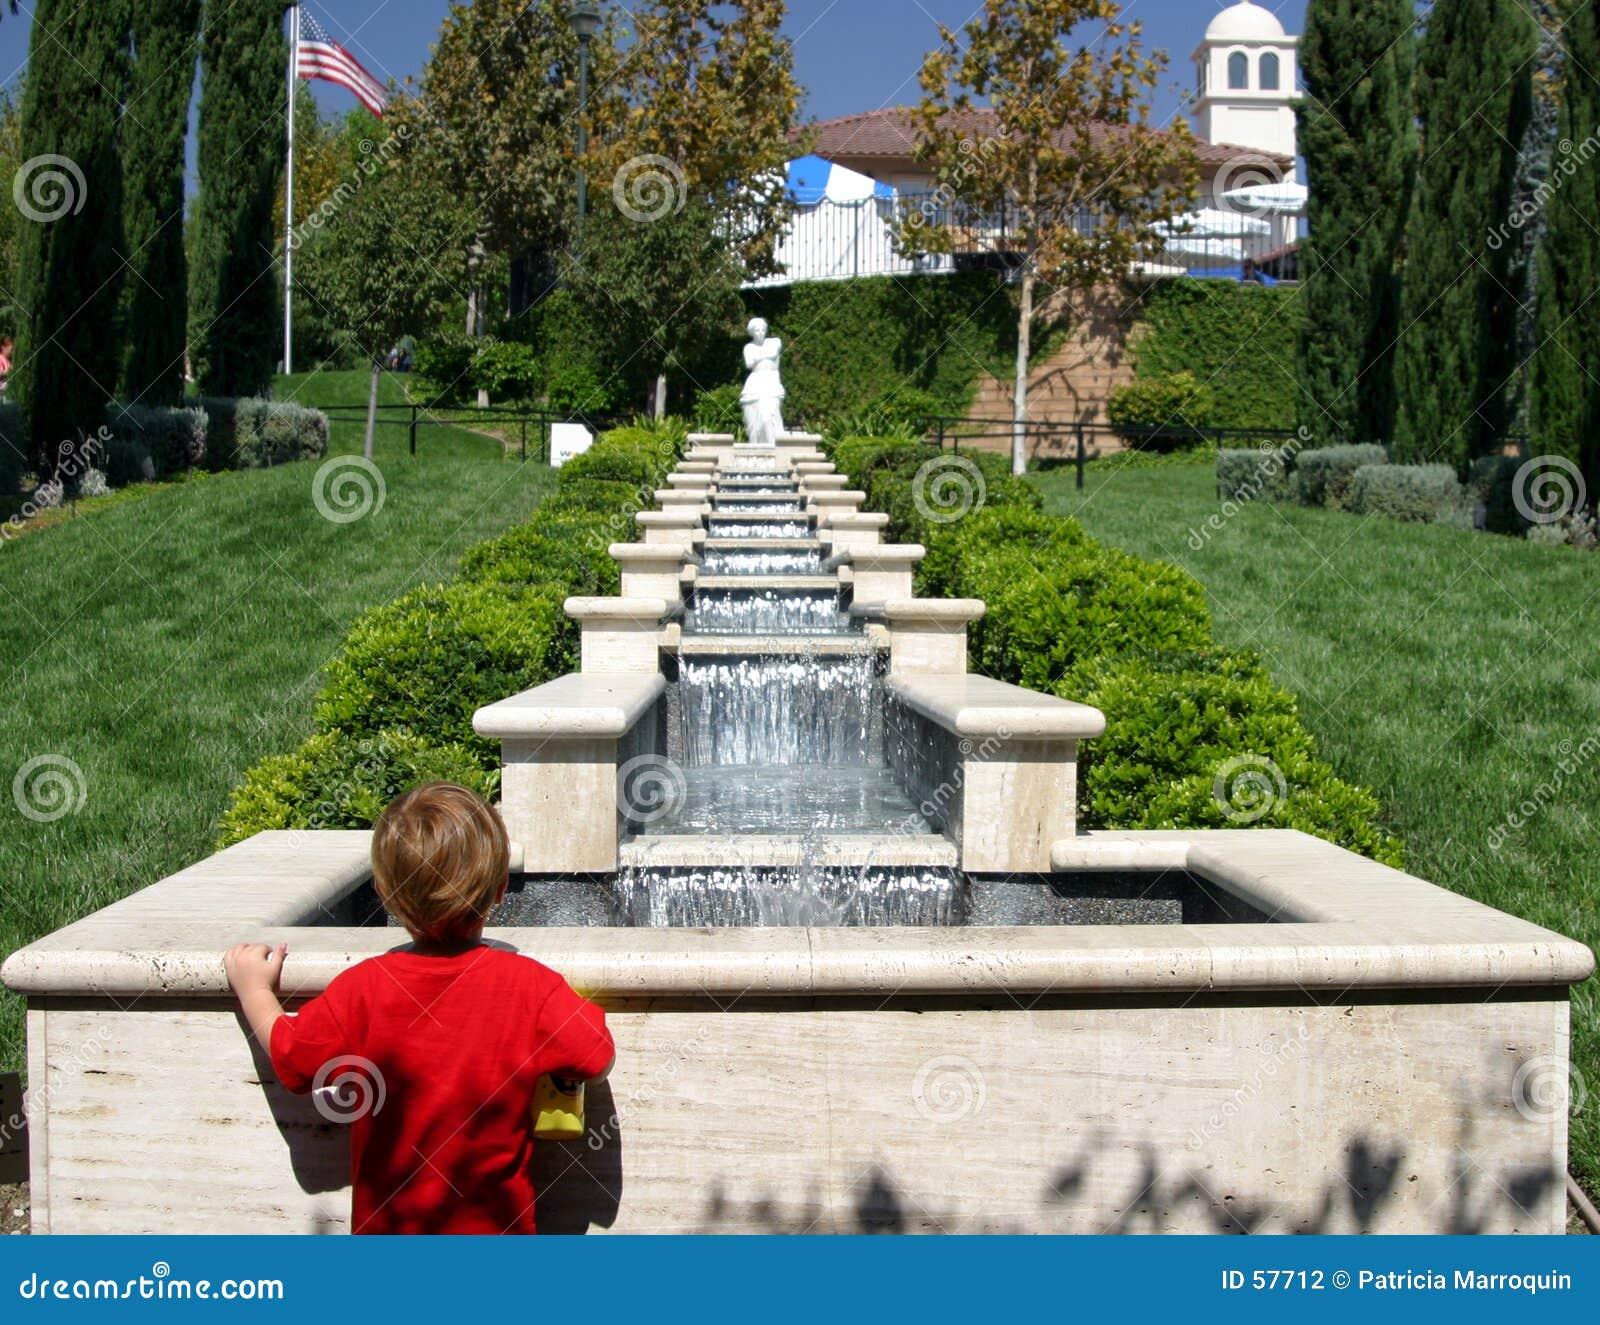 Download Observateur de fontaine photo stock. Image du public, terraced - 57712